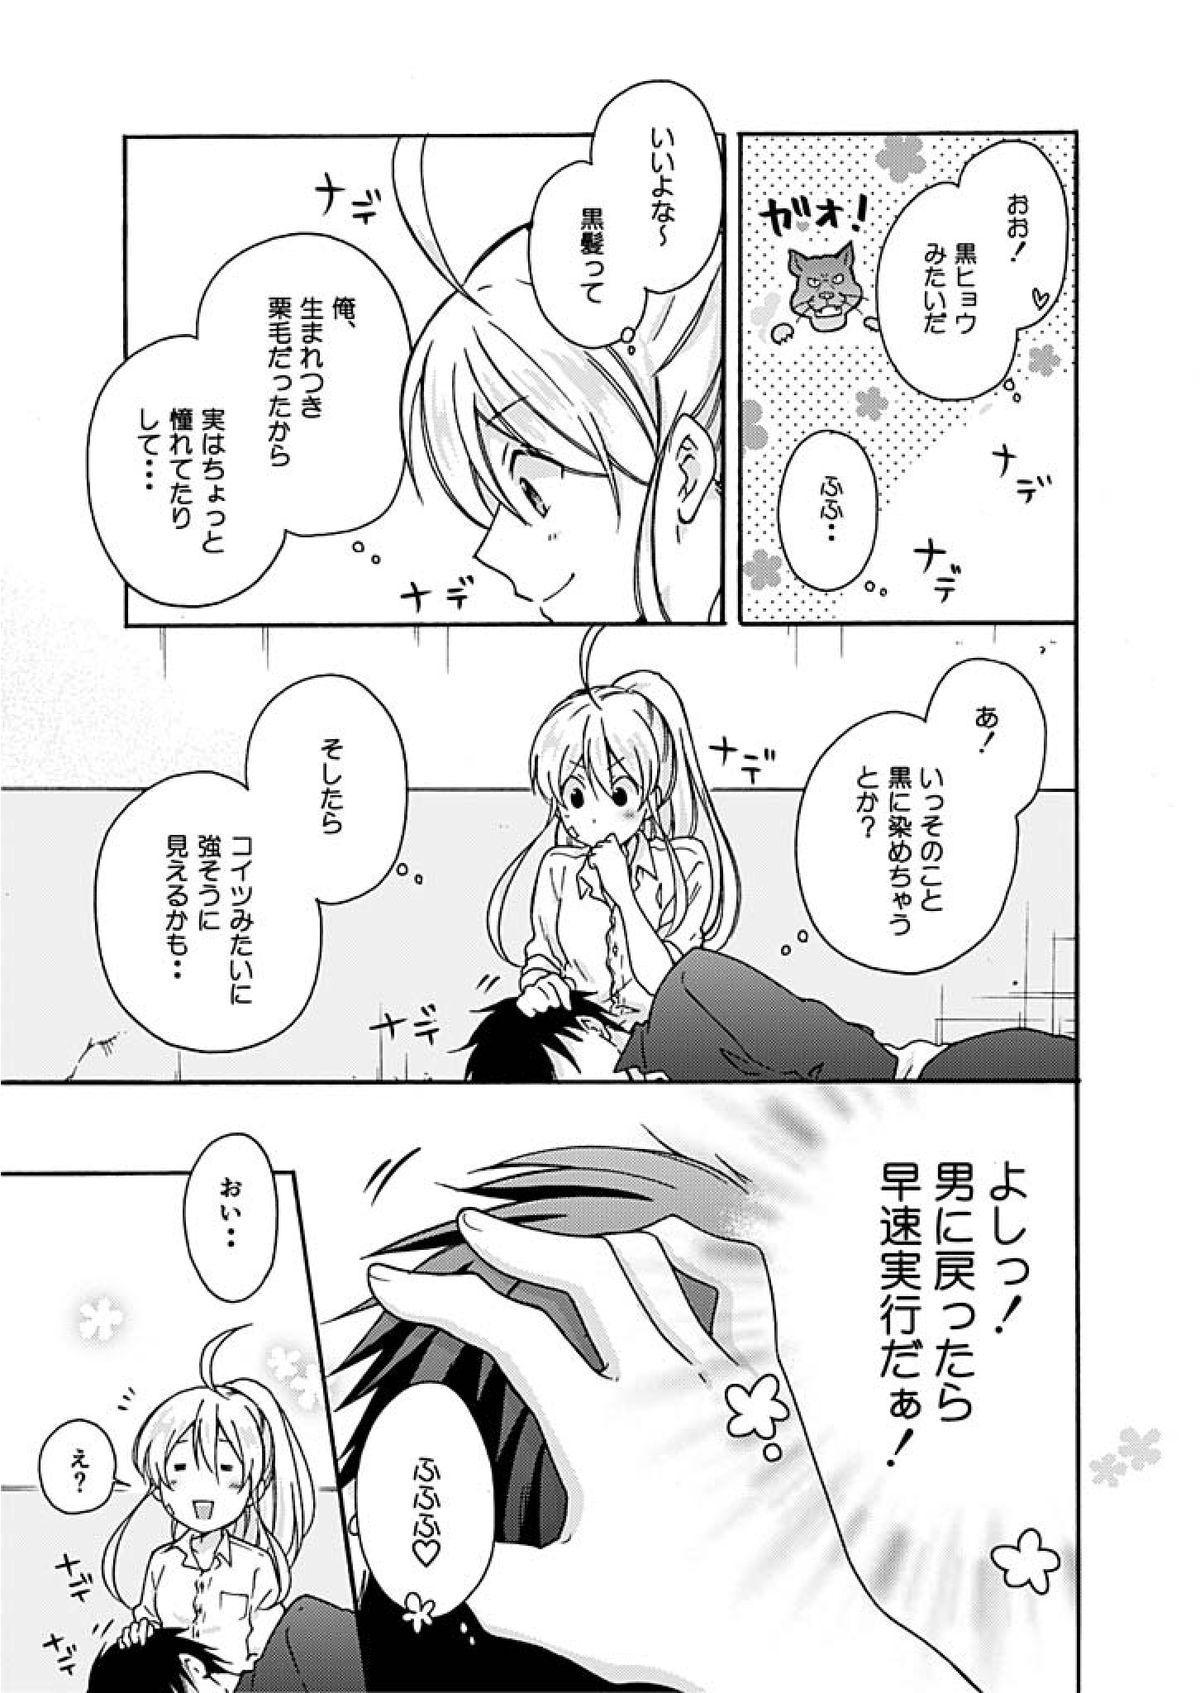 Nyotaika Yankee Gakuen ☆ Ore no Hajimete, Nerawaretemasu. 3 13